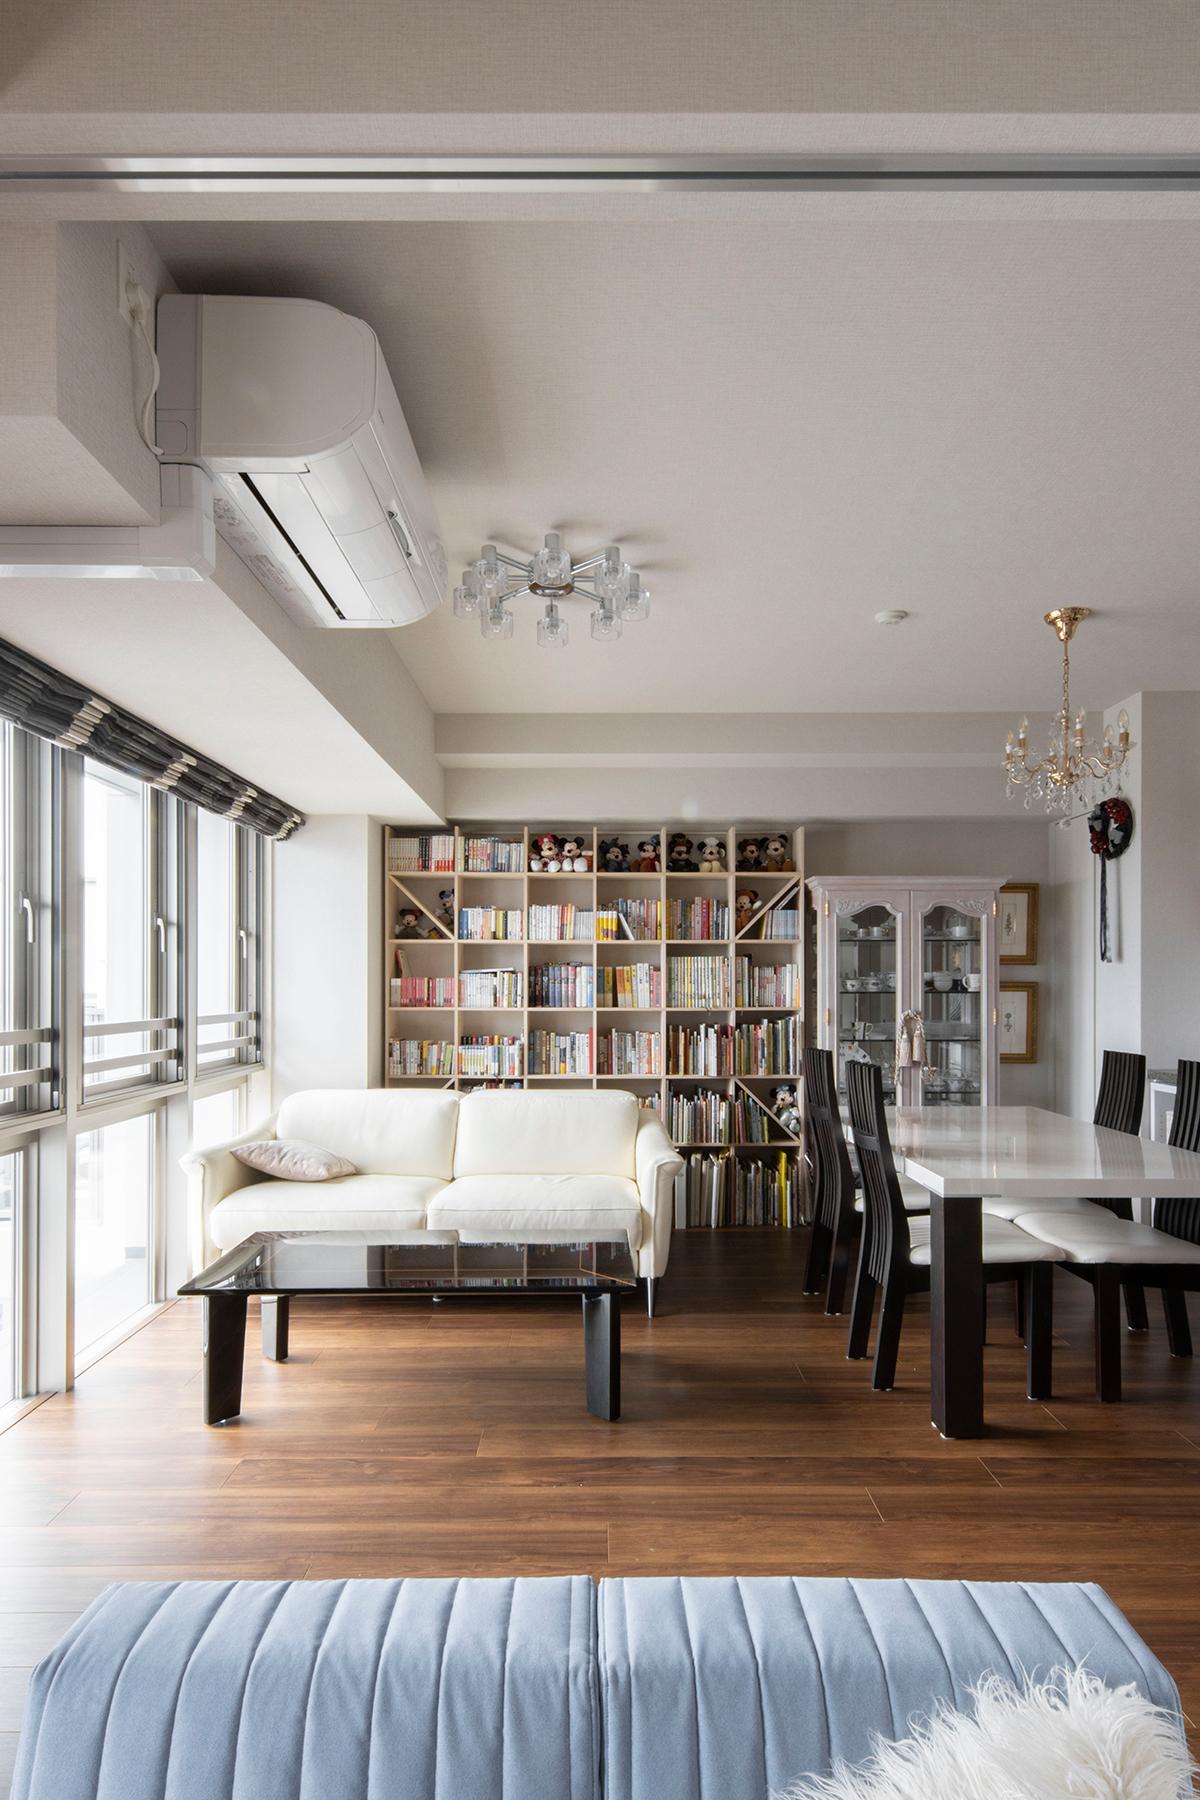 眺めのいい高層階から | 壁一面の本棚 奥行250mm/Shelf(No.67)